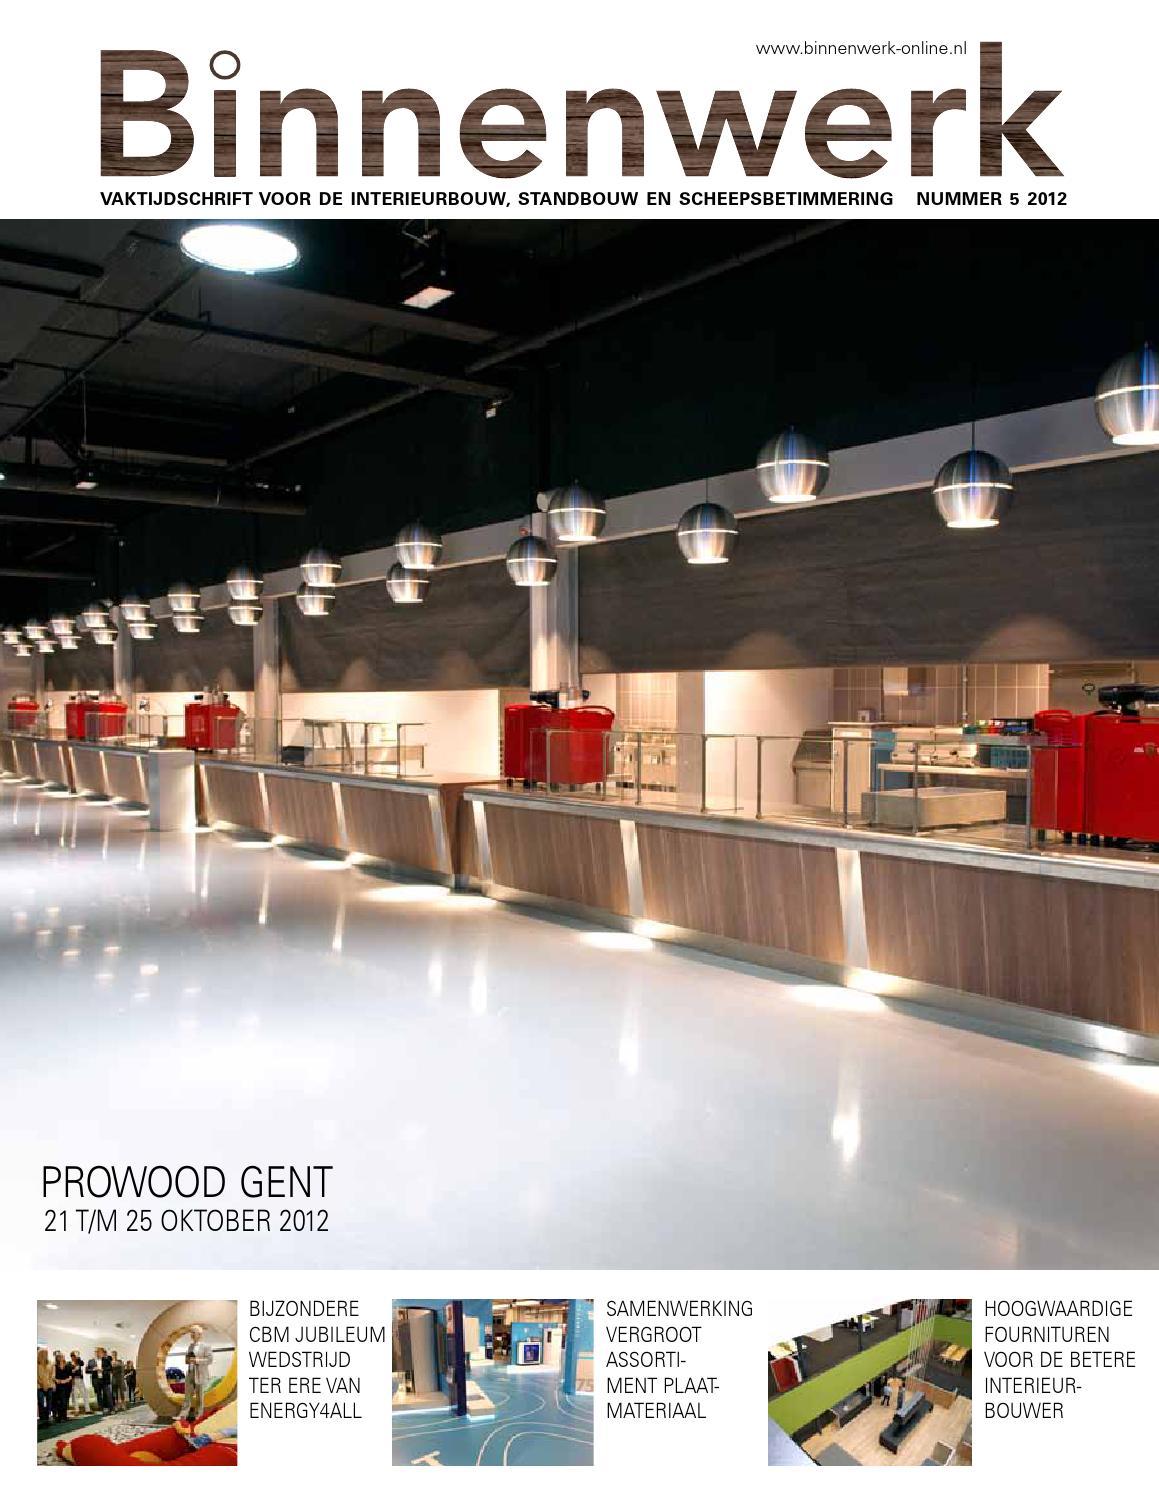 Binnenwerk jaarboek by louwers uitgeversorganisatie bv   issuu